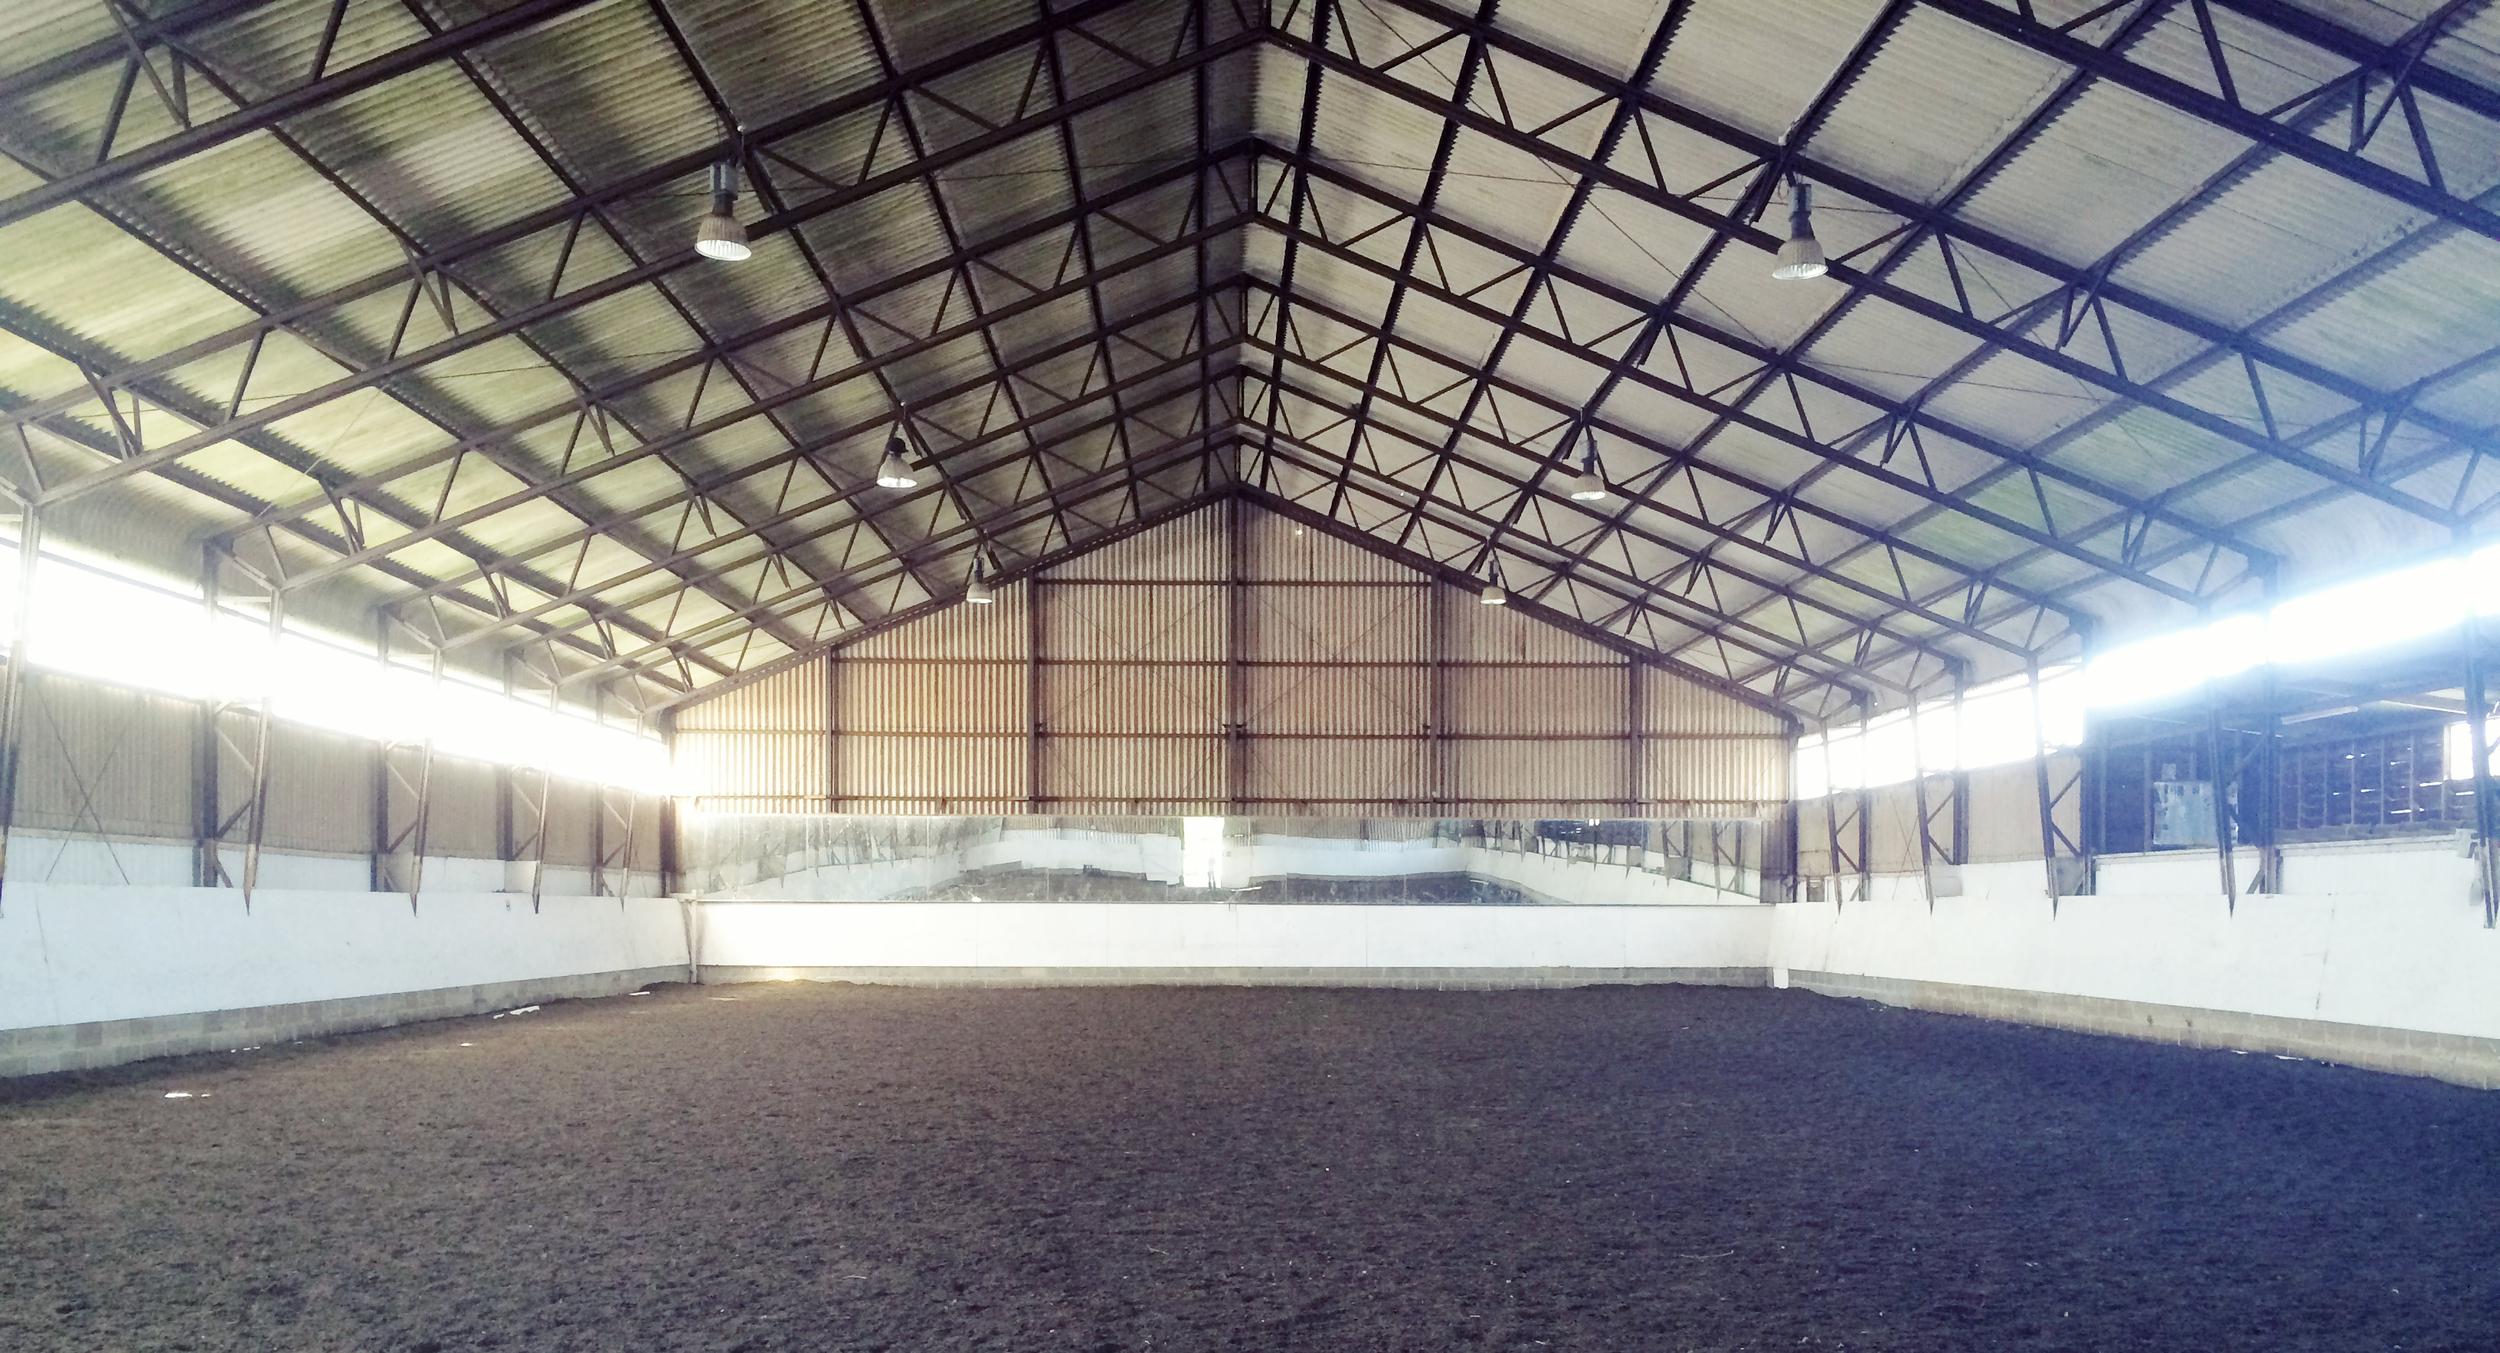 indoor-arena-london-dressage2.jpg